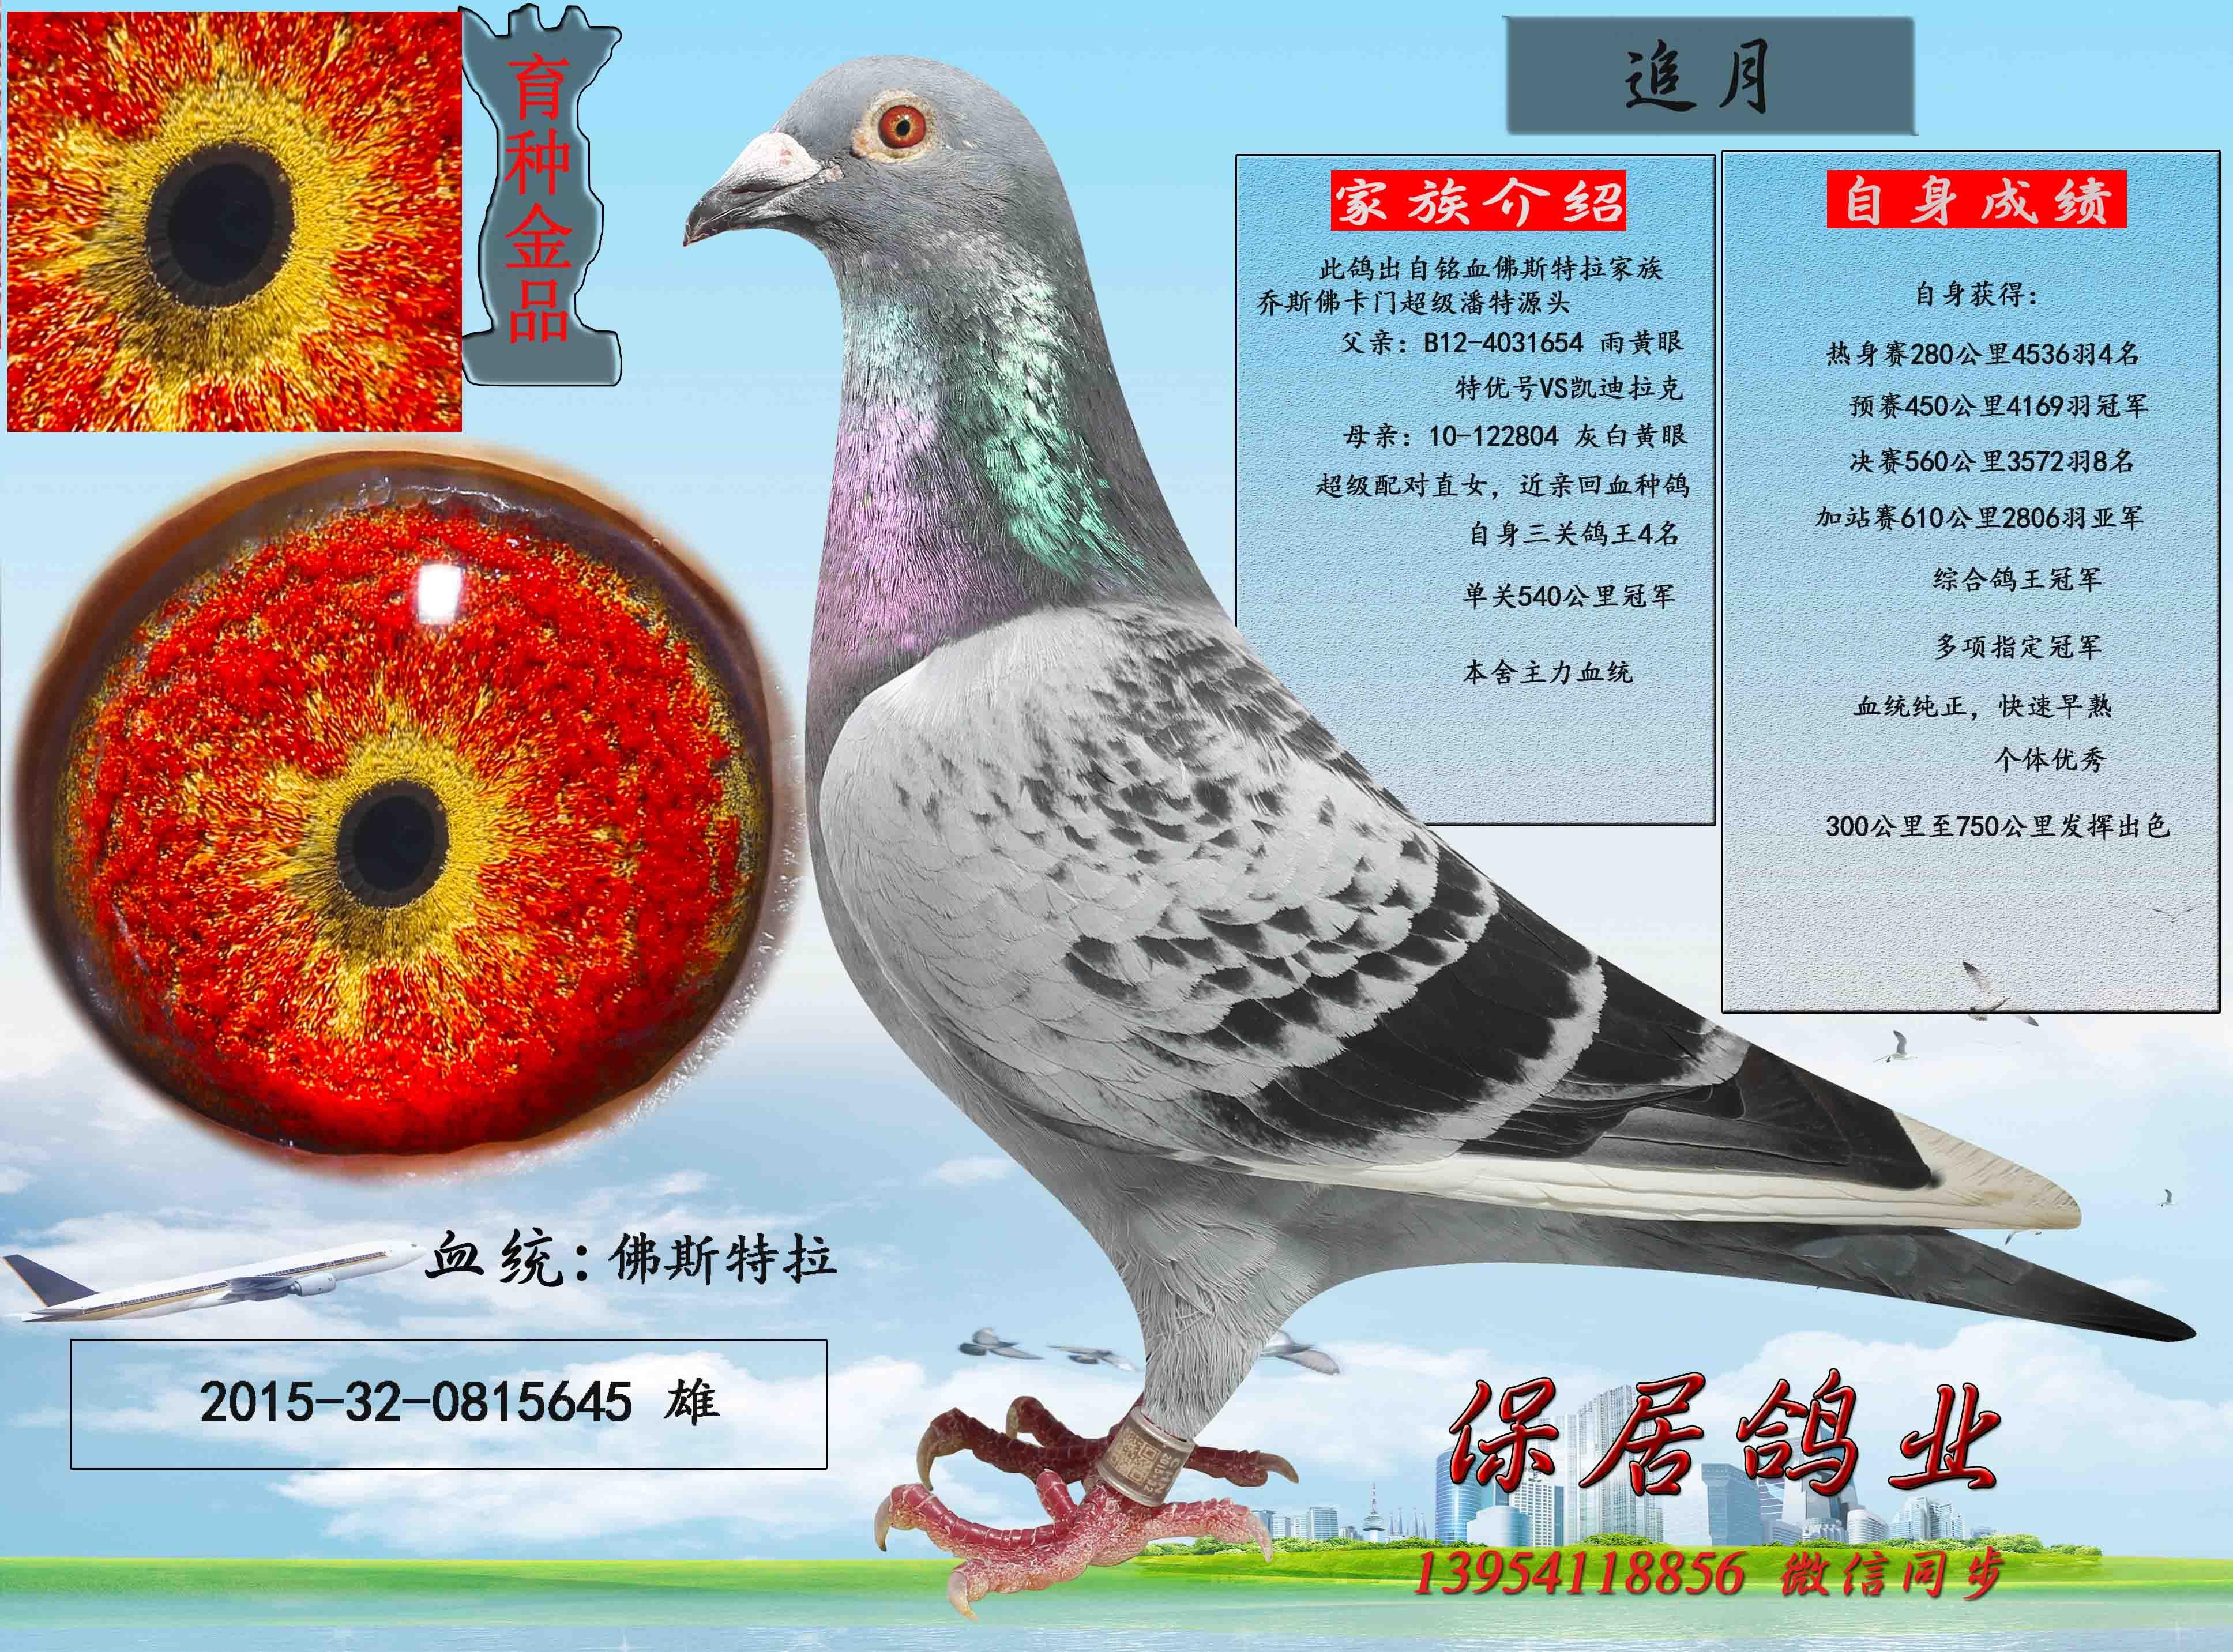 鸽舍拆迁,低价出售种鸽